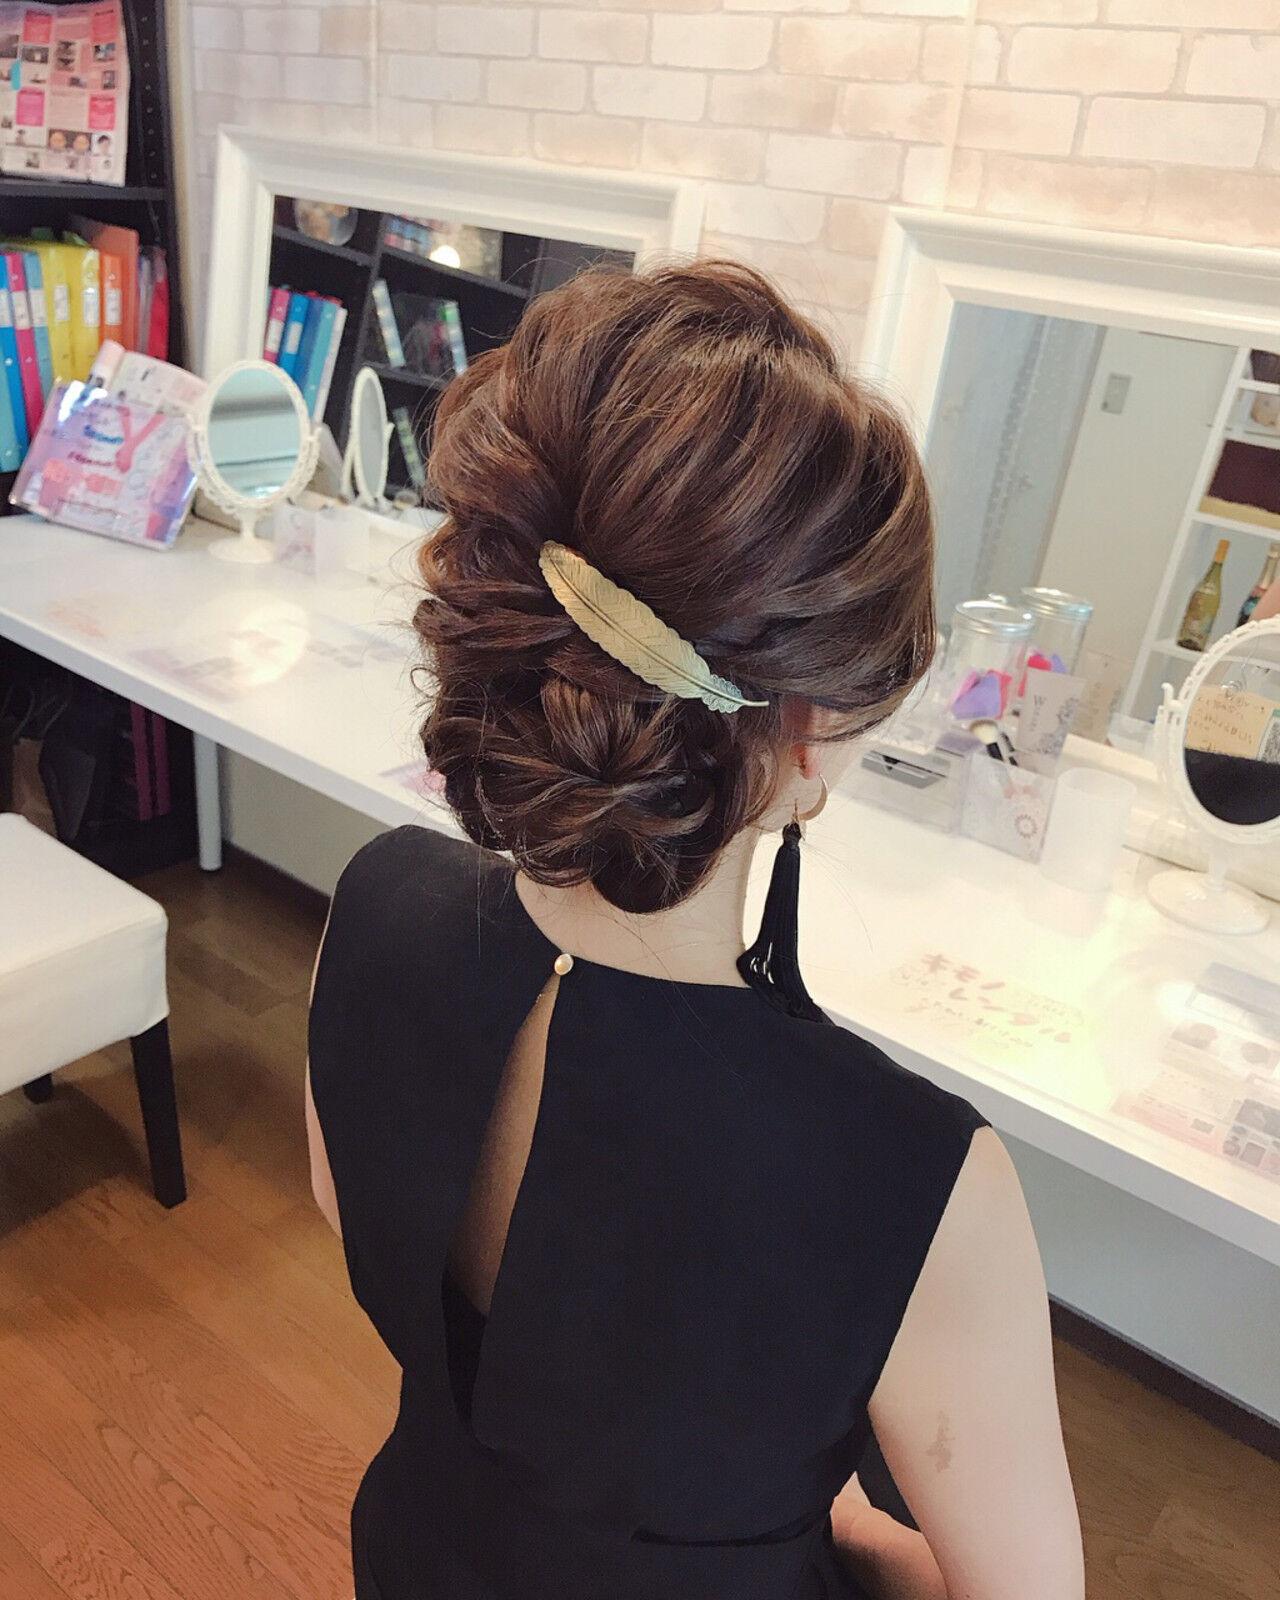 エレガント パーティ デート 結婚式ヘアスタイルや髪型の写真・画像